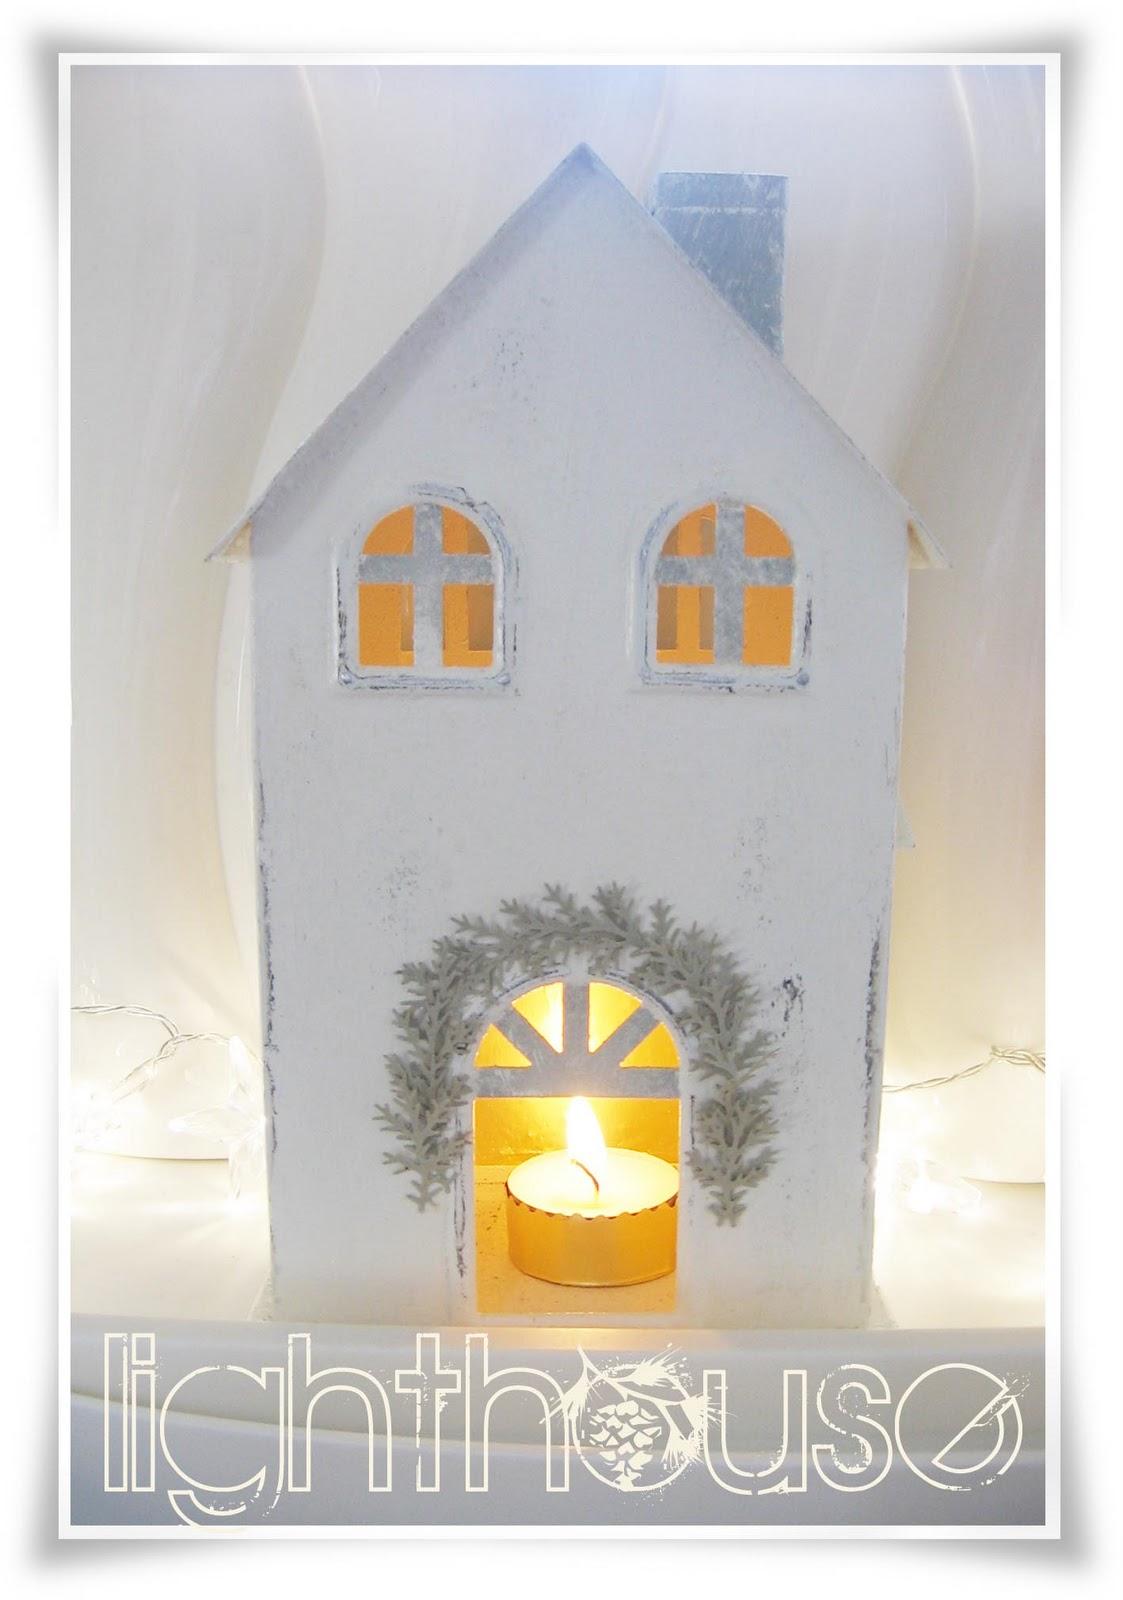 http://2.bp.blogspot.com/_vGuBhXbtgU8/TNcKhPH7iAI/AAAAAAAAA14/tJXXkhBfqCA/s1600/lighthouse05.jpg